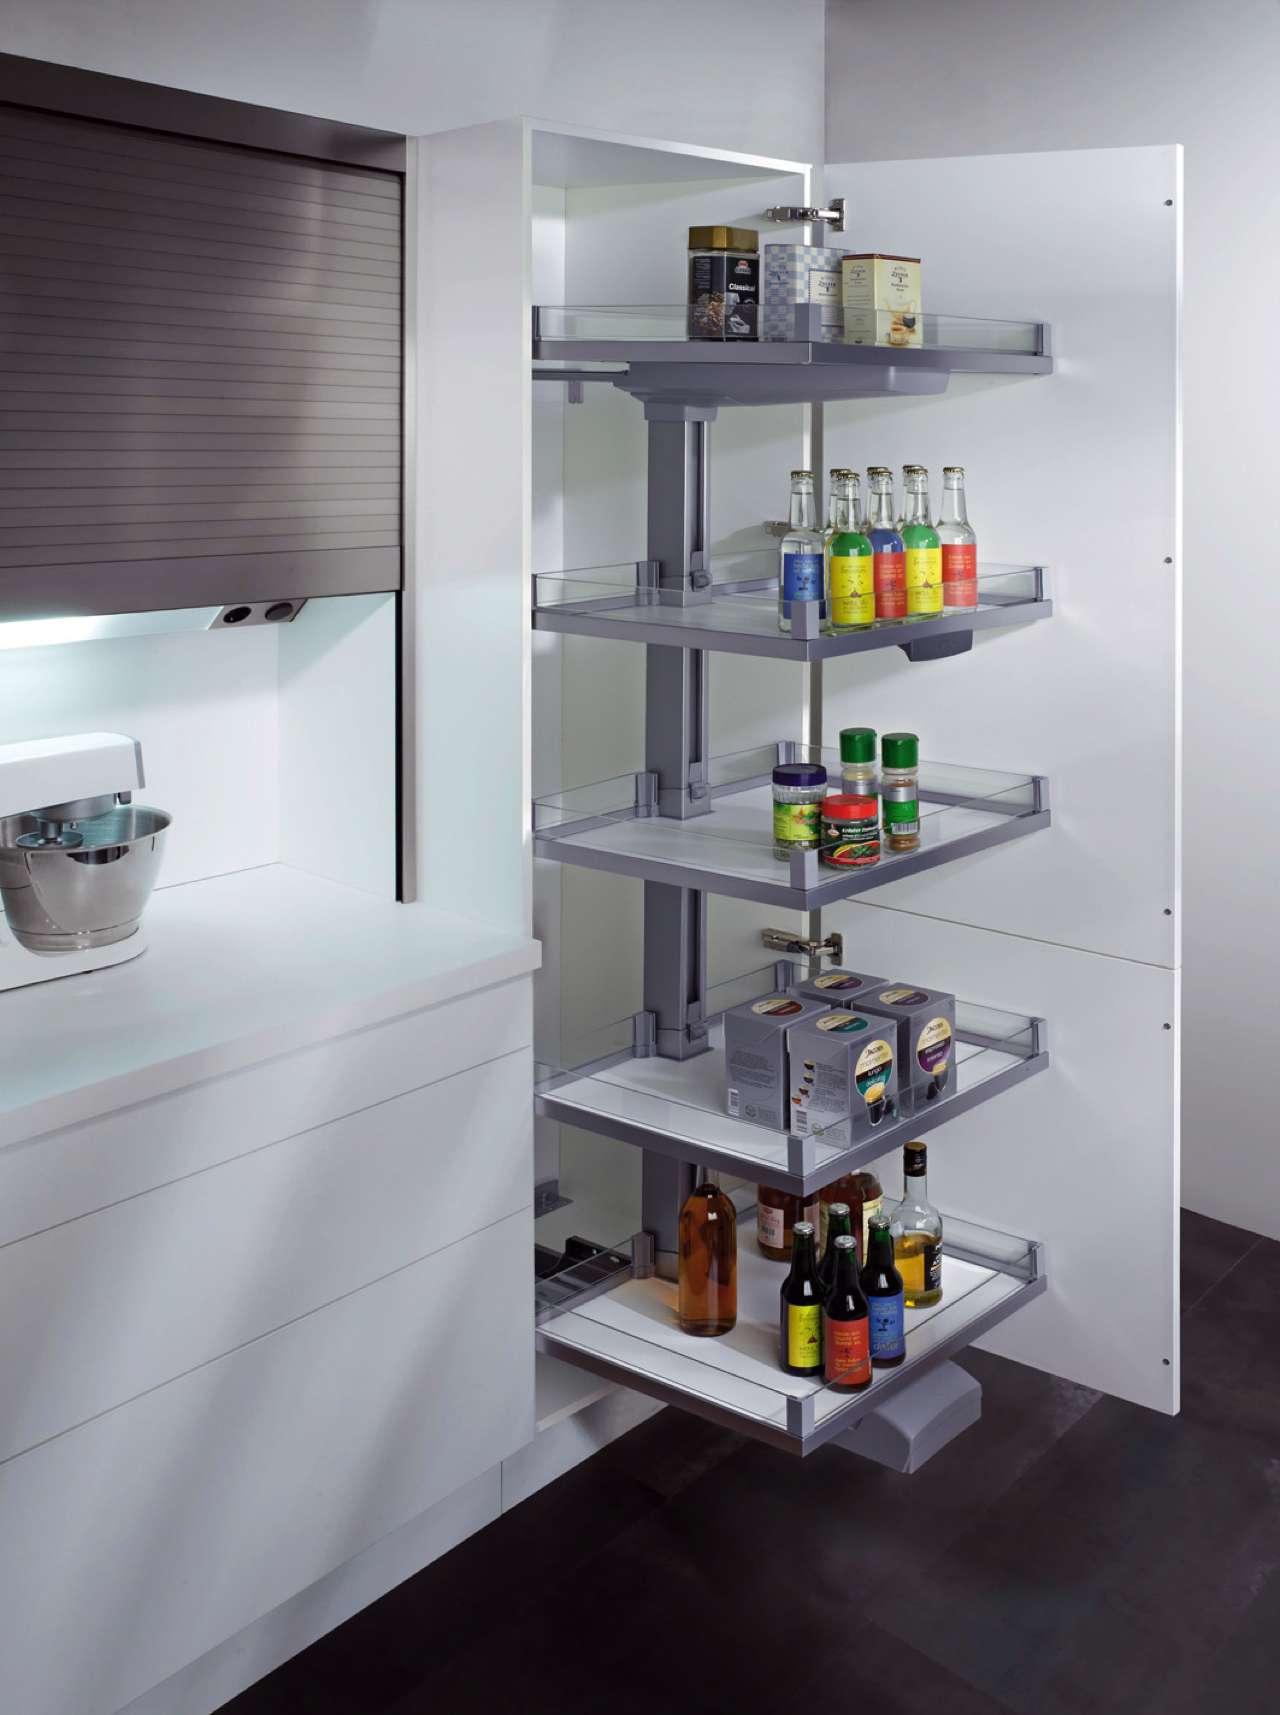 Full Size of Vorratsschrank Küche Wandregal Pendelleuchten Eckküche Mit Elektrogeräten Sitzbank Einbauküche Nobilia Griffe Aufbewahrung Arbeitsschuhe Doppelblock Küche Vorratsschrank Küche